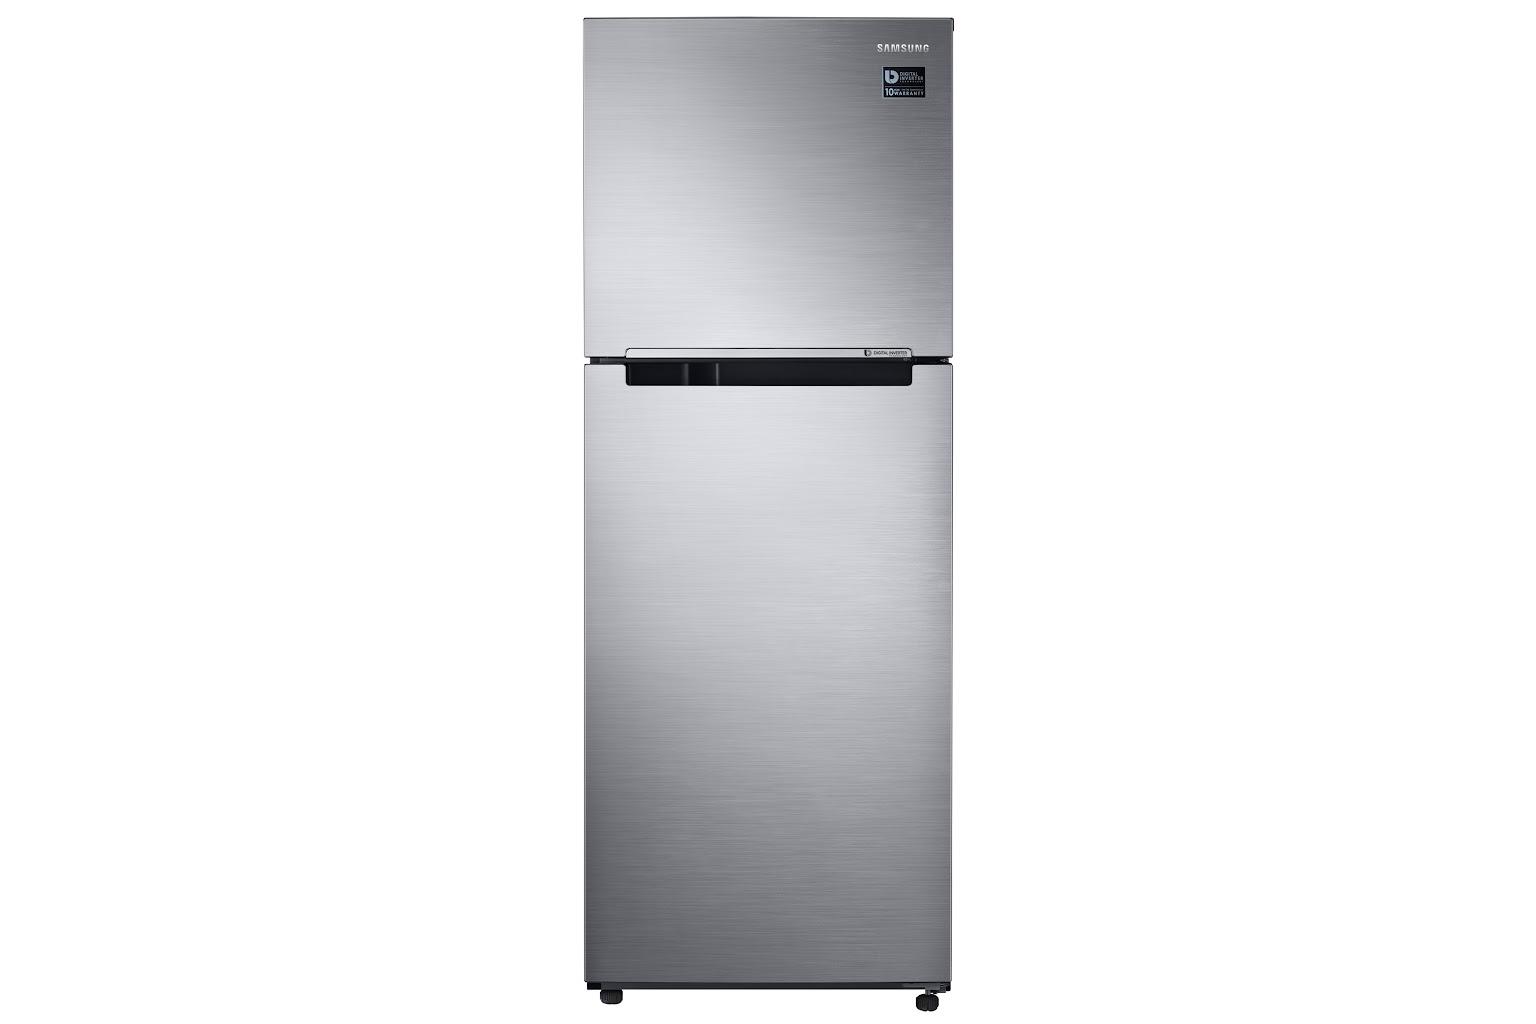 Linea dellacqua per il collegamento del frigo